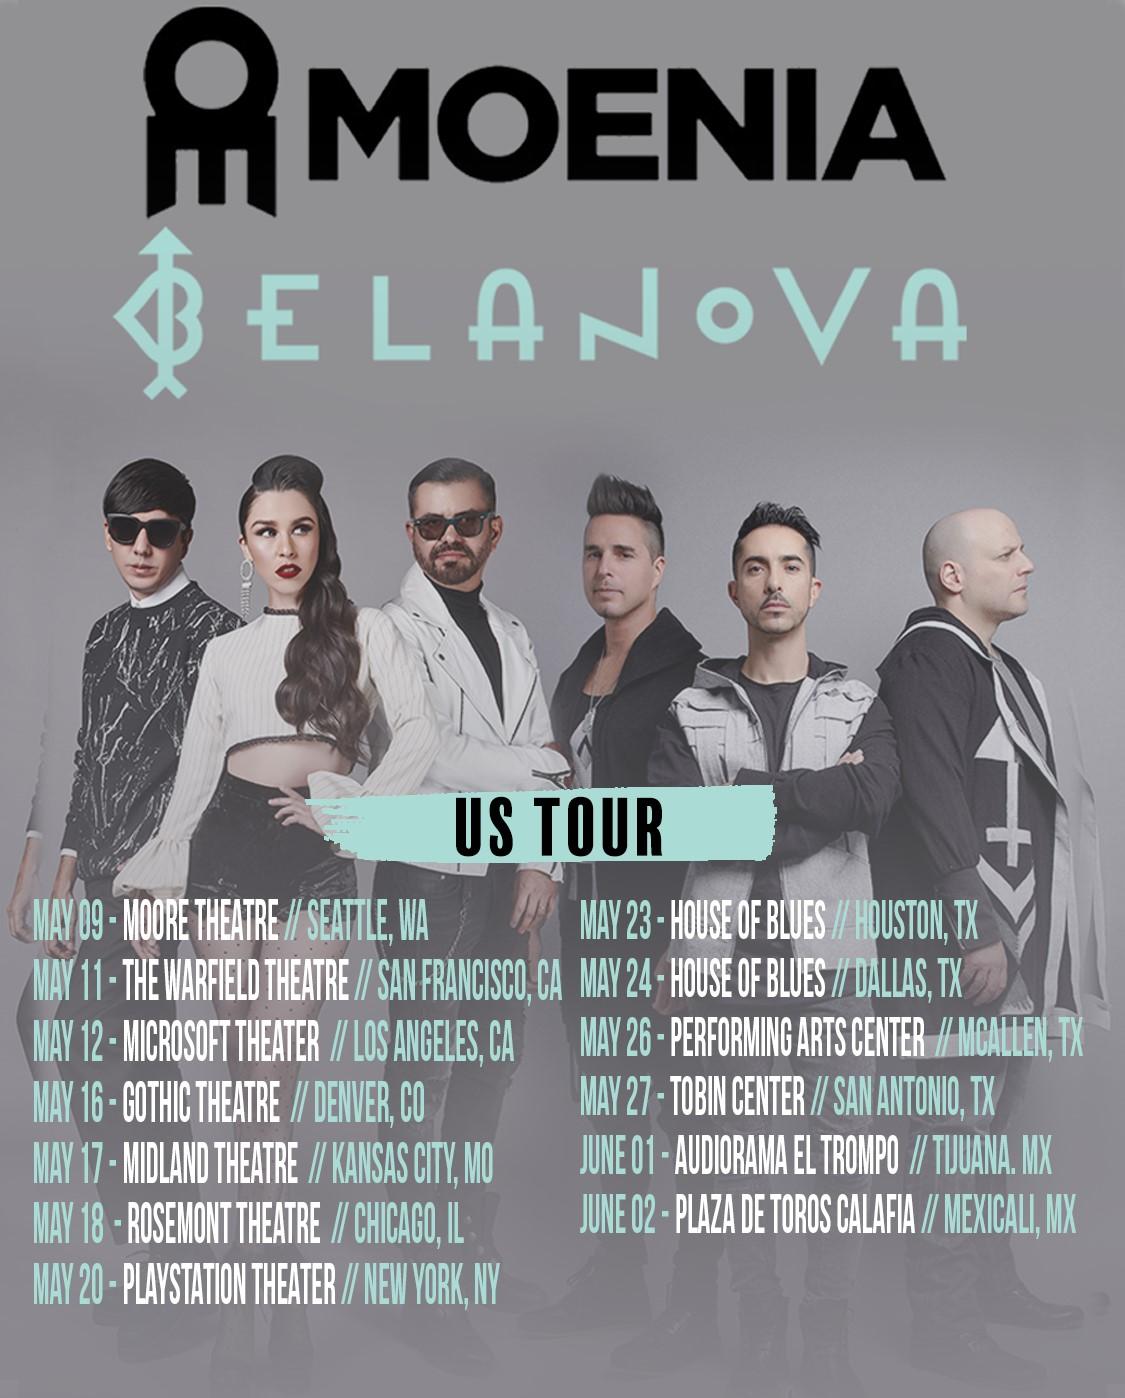 MOENIAtour2018.jpg